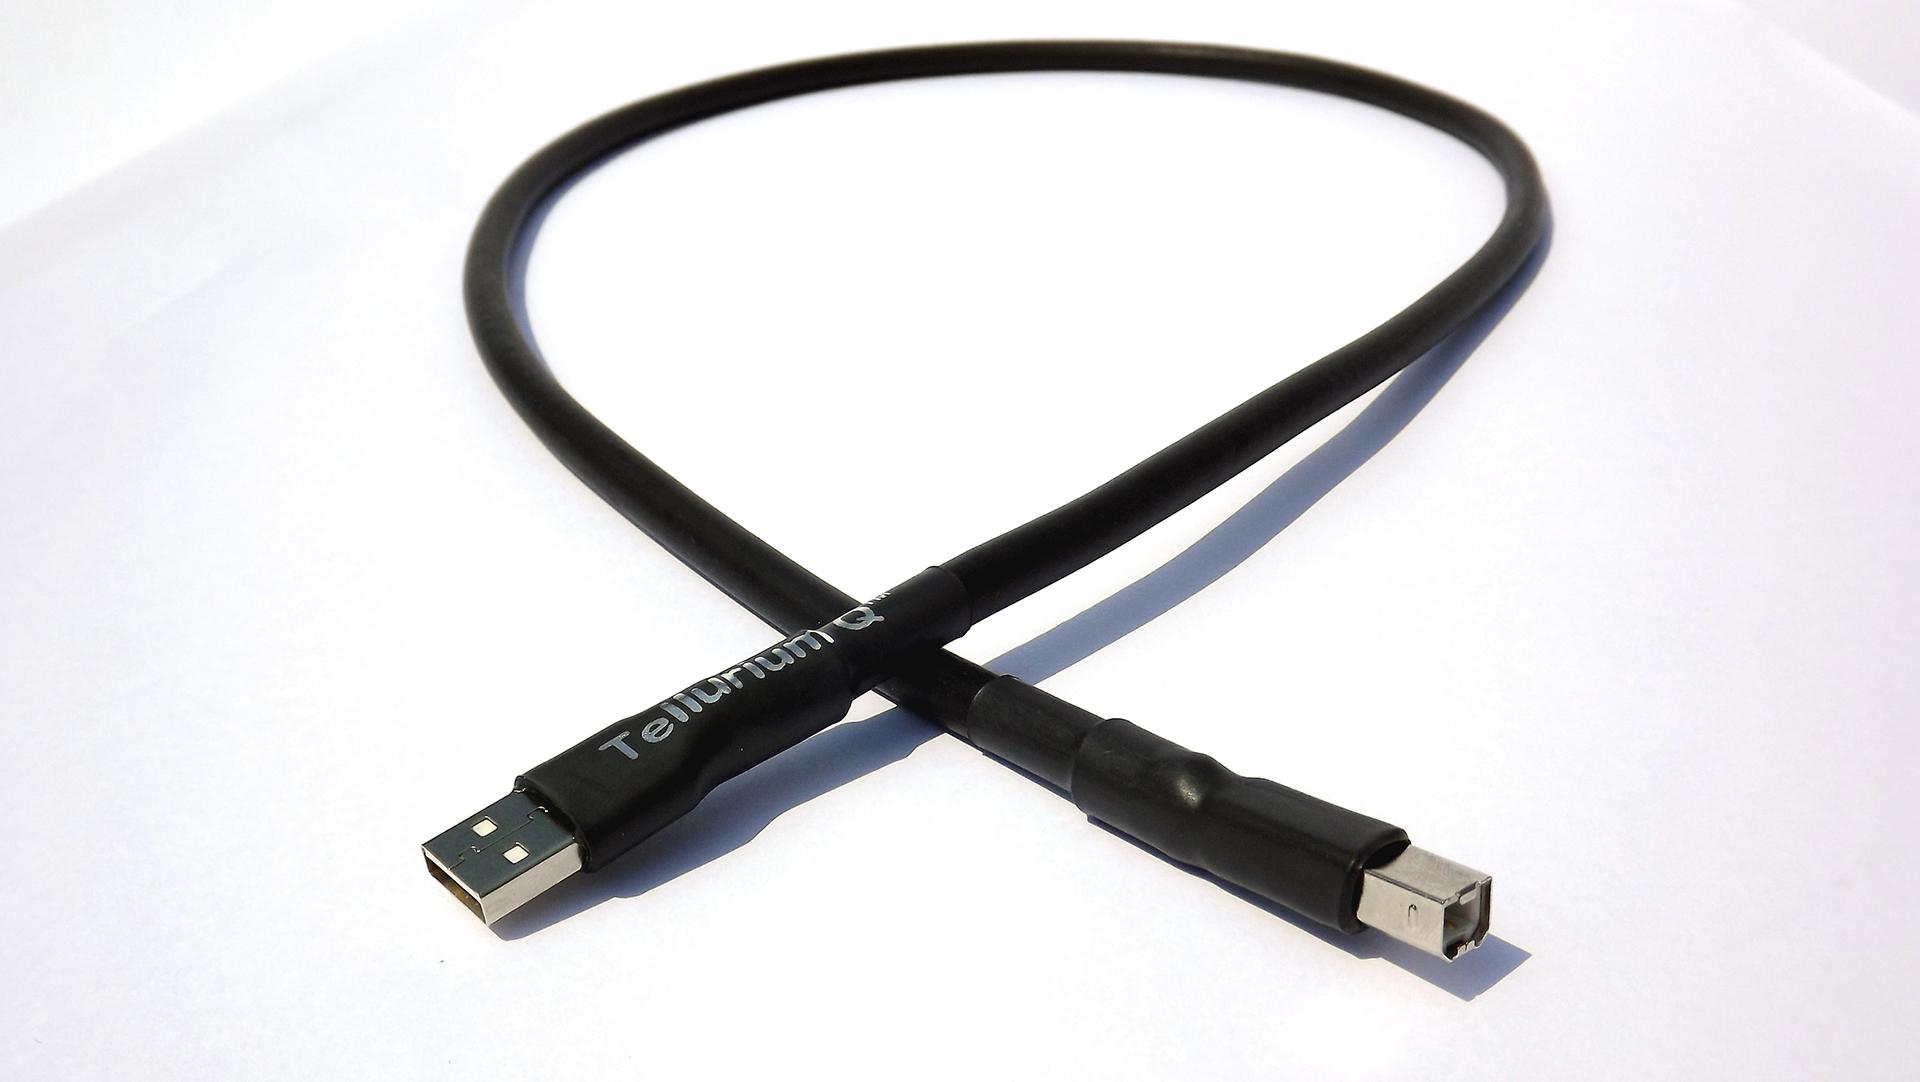 Tellurium Q | Black | USB Kabel